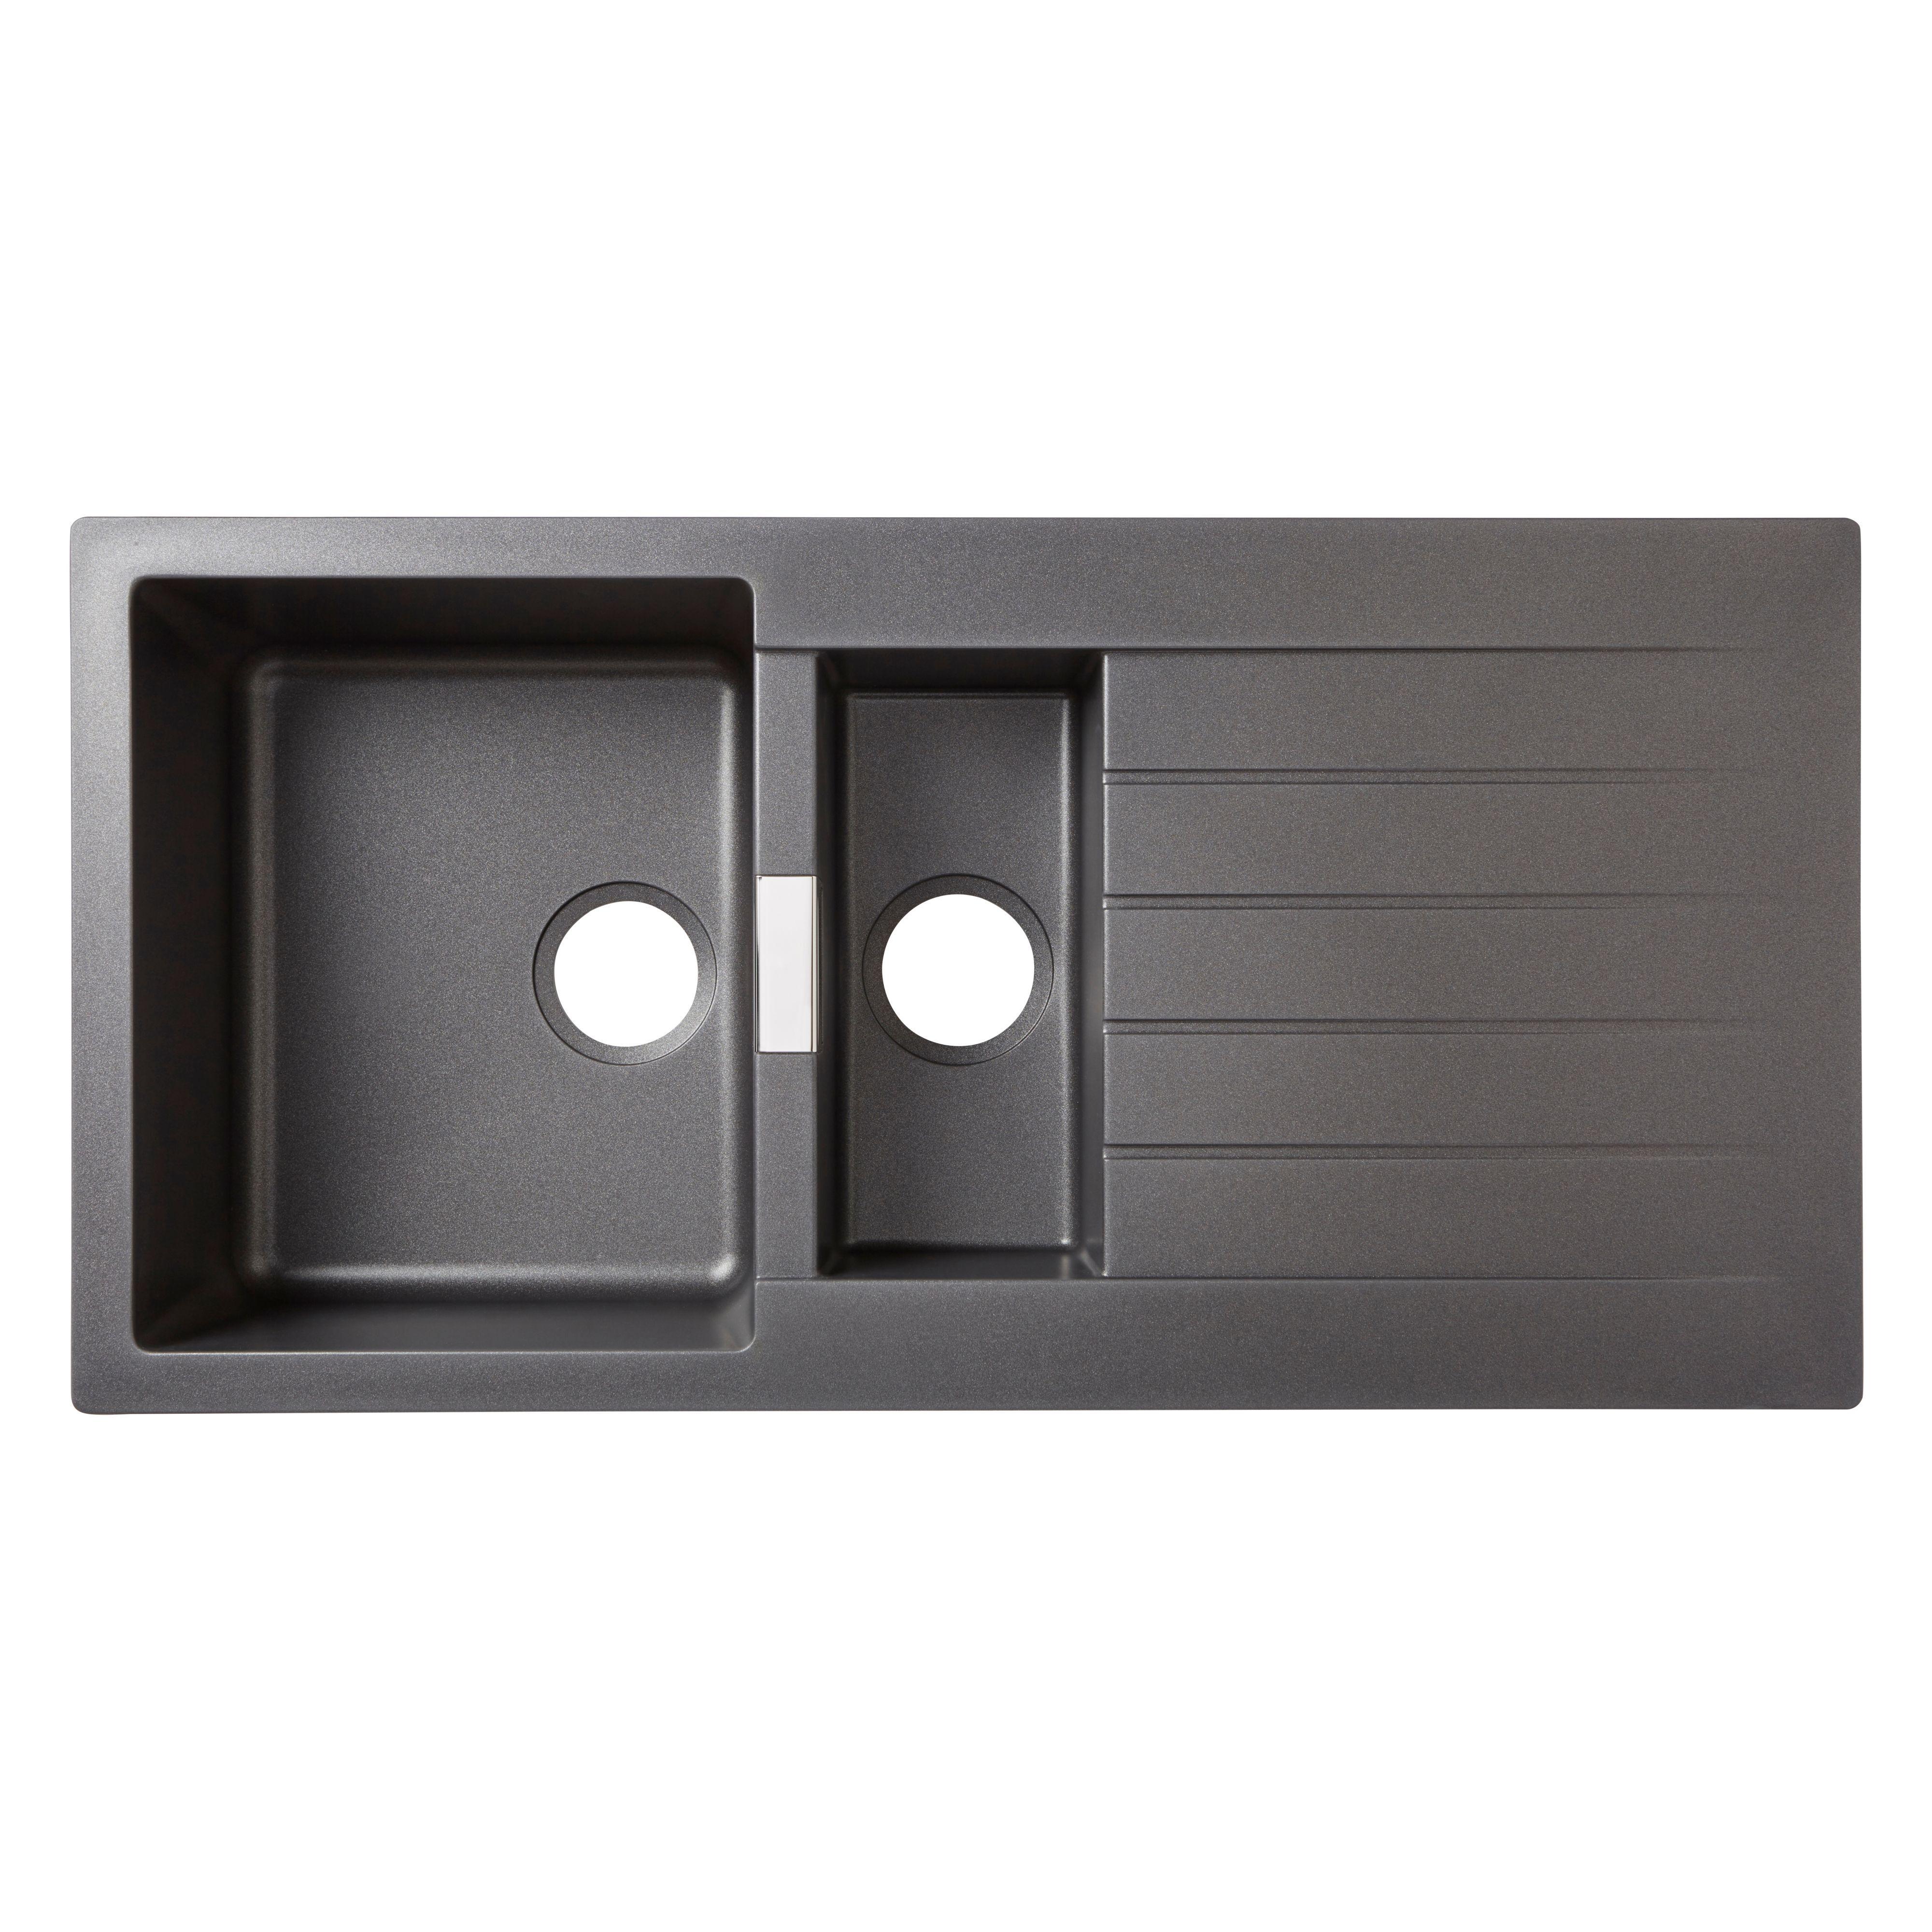 B Q Kitchen Cabinets Sale: Cooke & Lewis Galvani 1.5 Bowl Grey Composite Quartz Sink